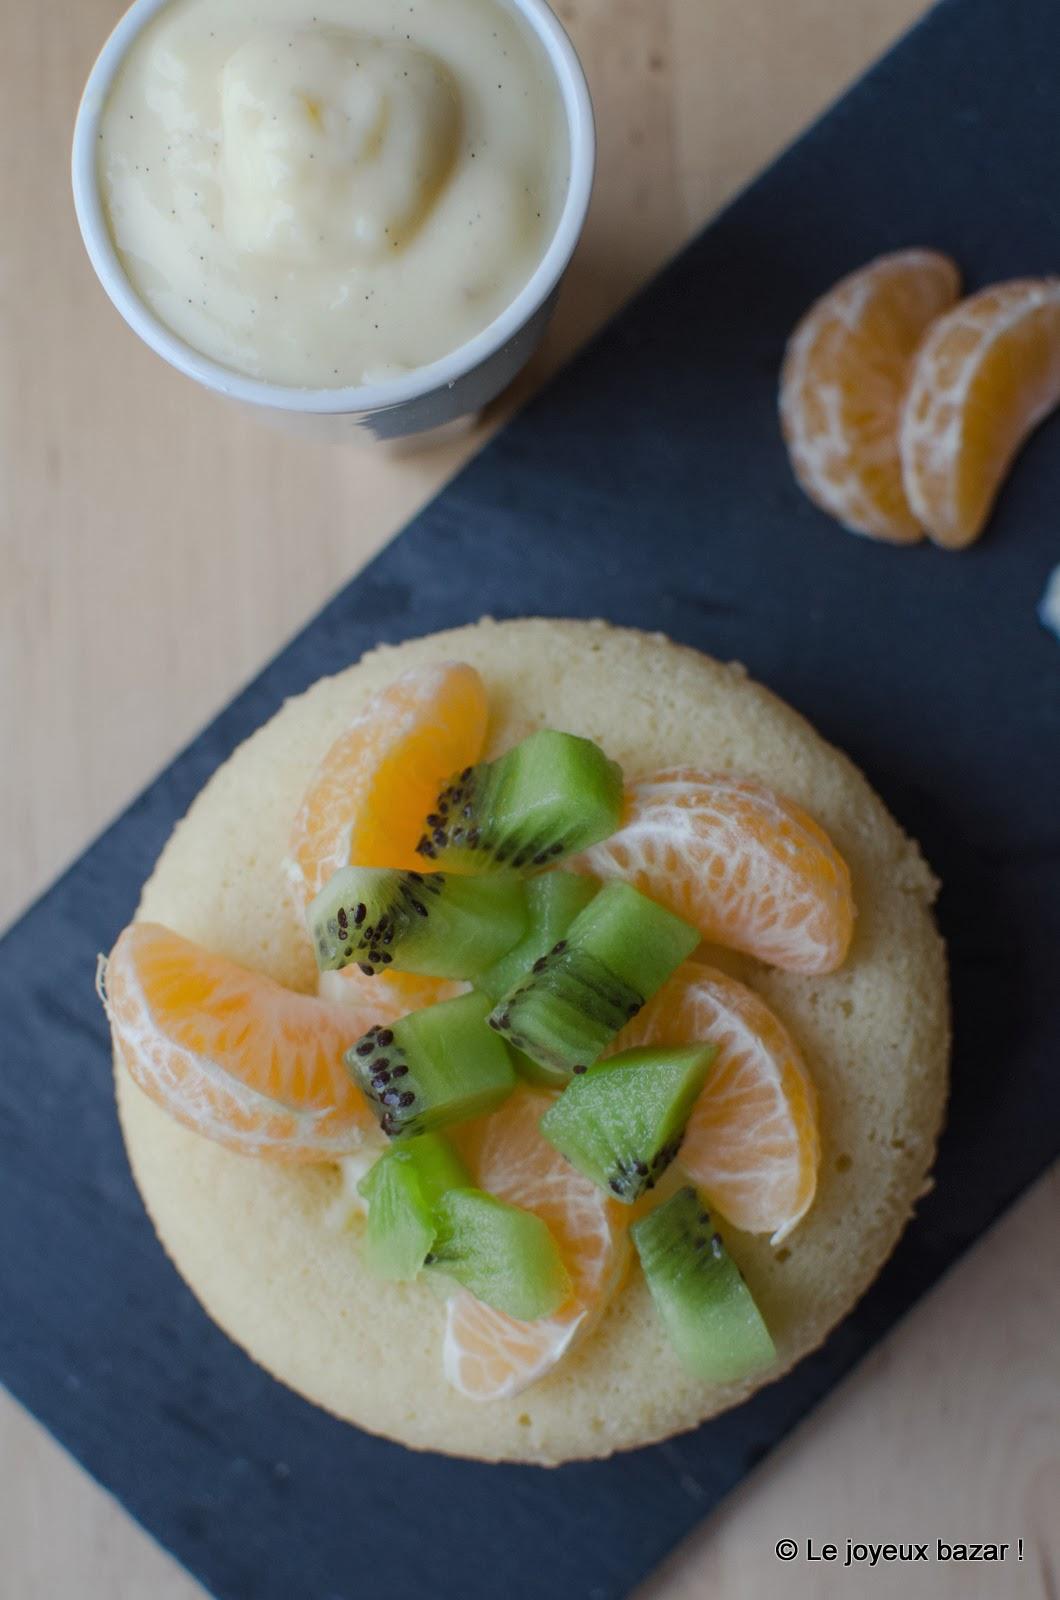 Baba au rhum, fruits et crème patissière